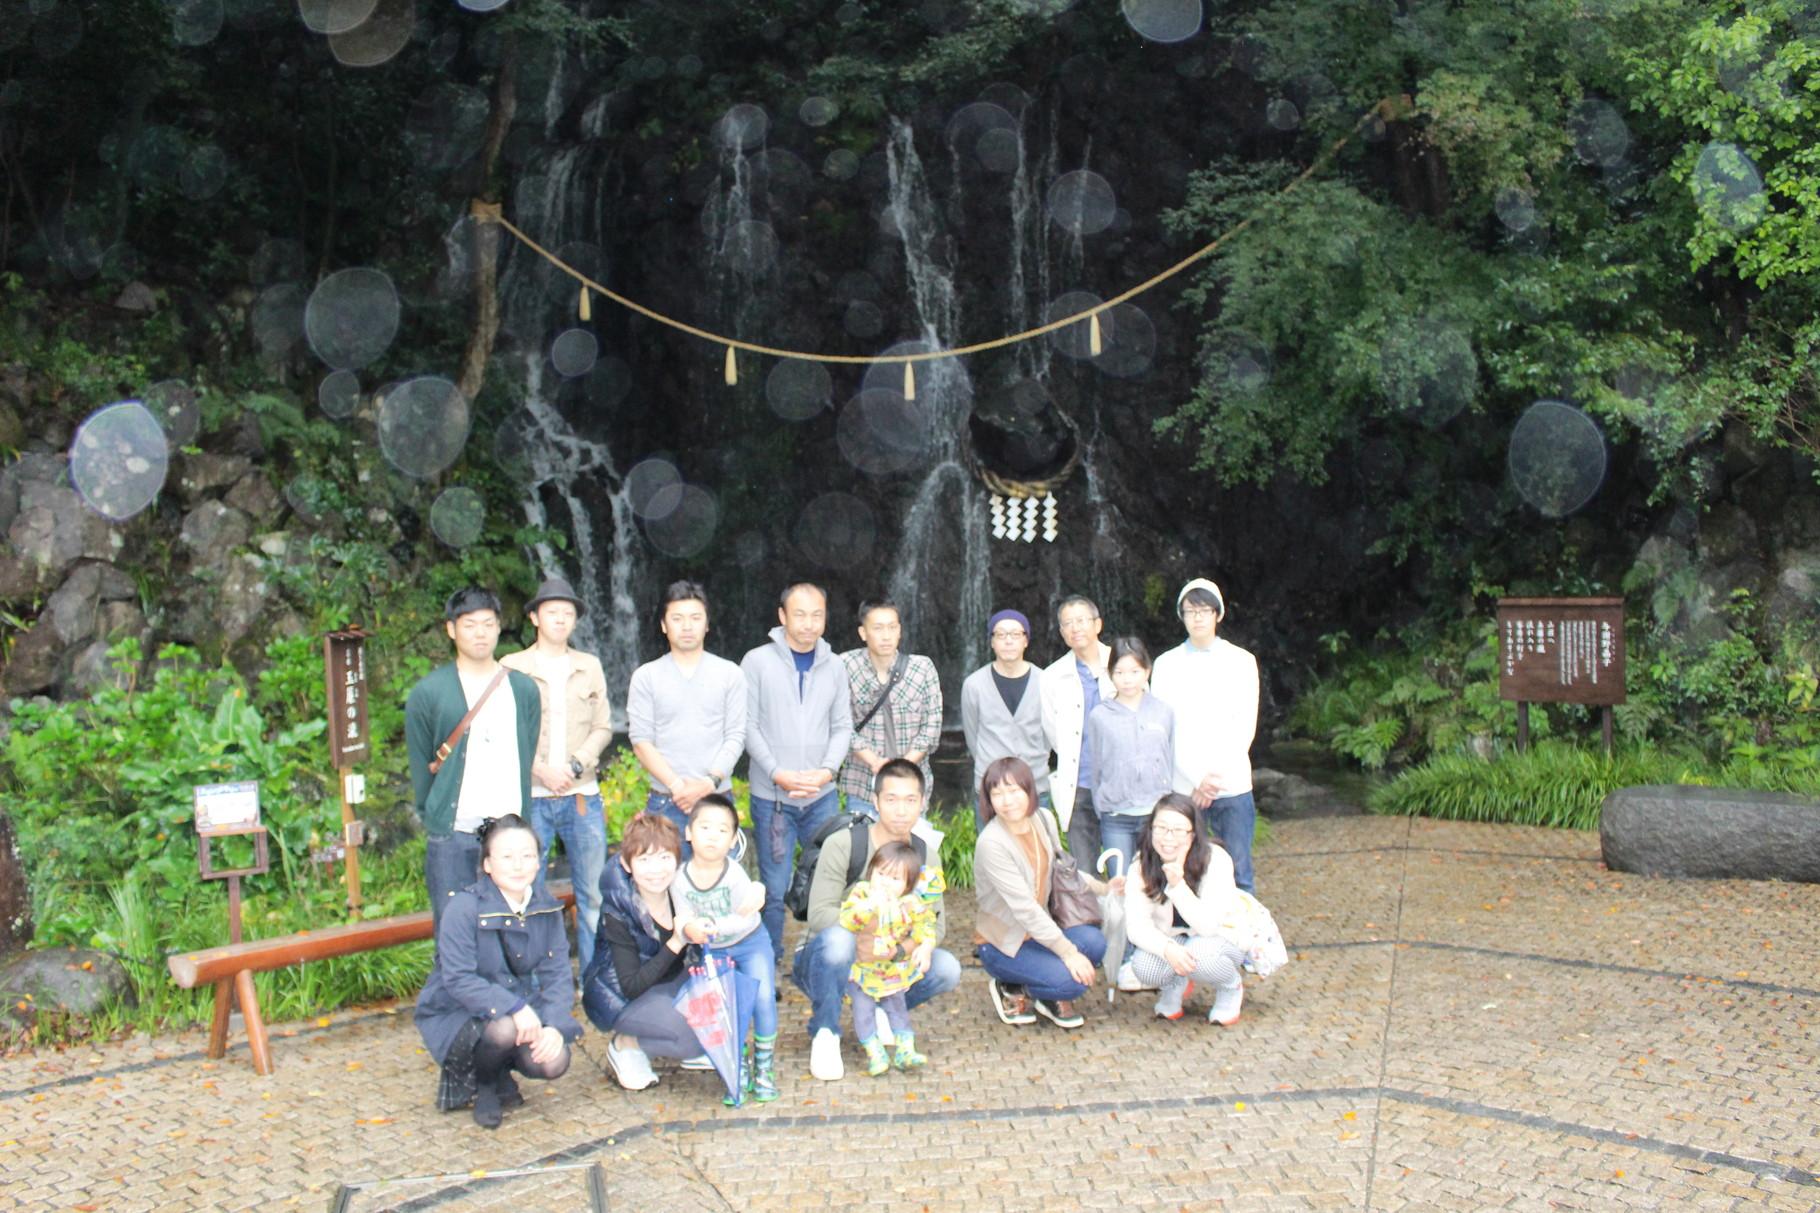 玉簾の滝にて記念撮影